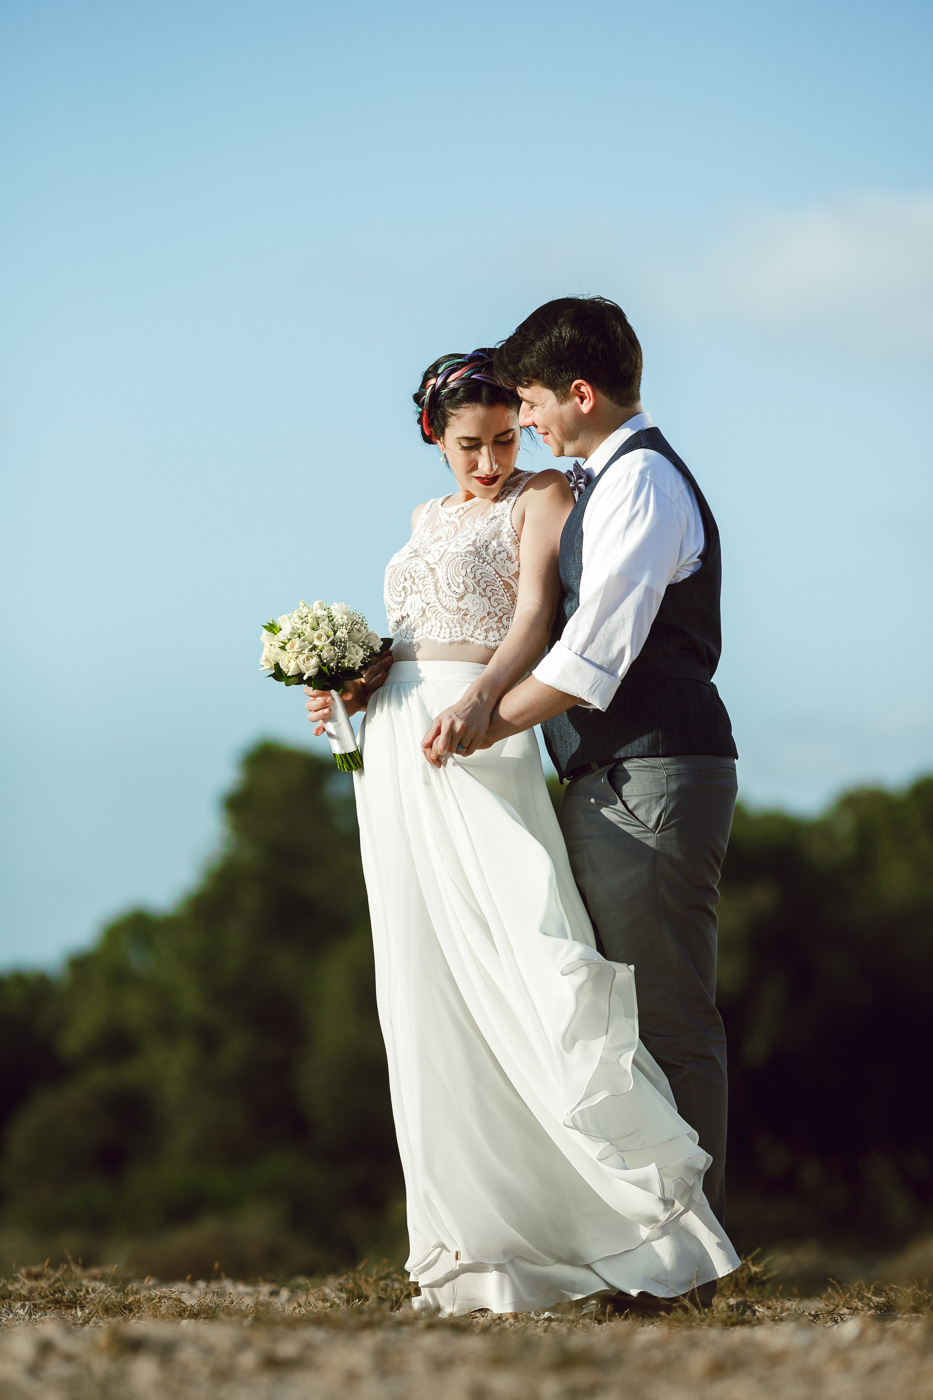 Leore & Yiftach wedding_0185.jpg